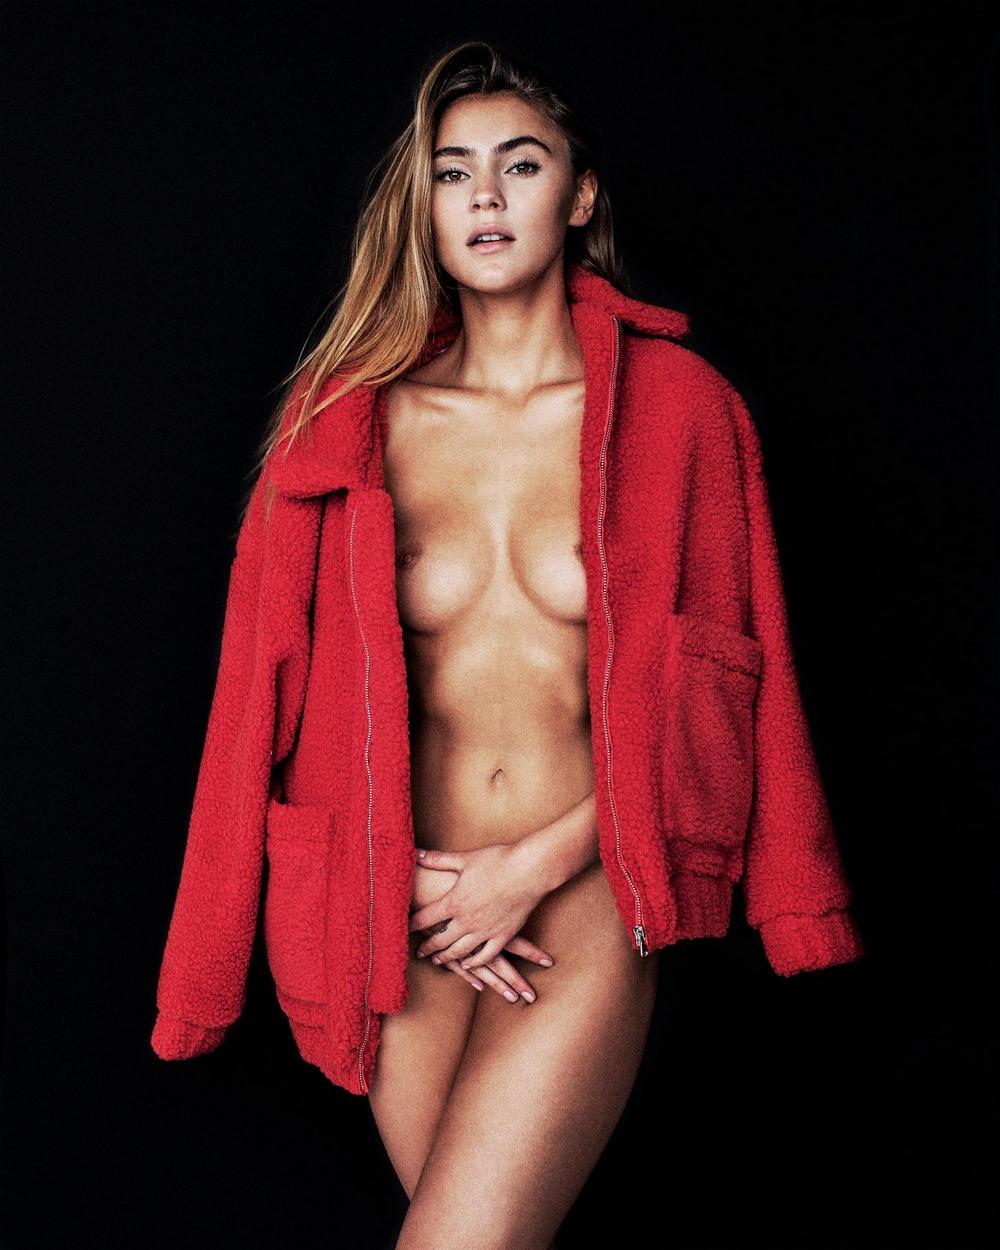 Стефани Гизингер в откровенной фотосессии